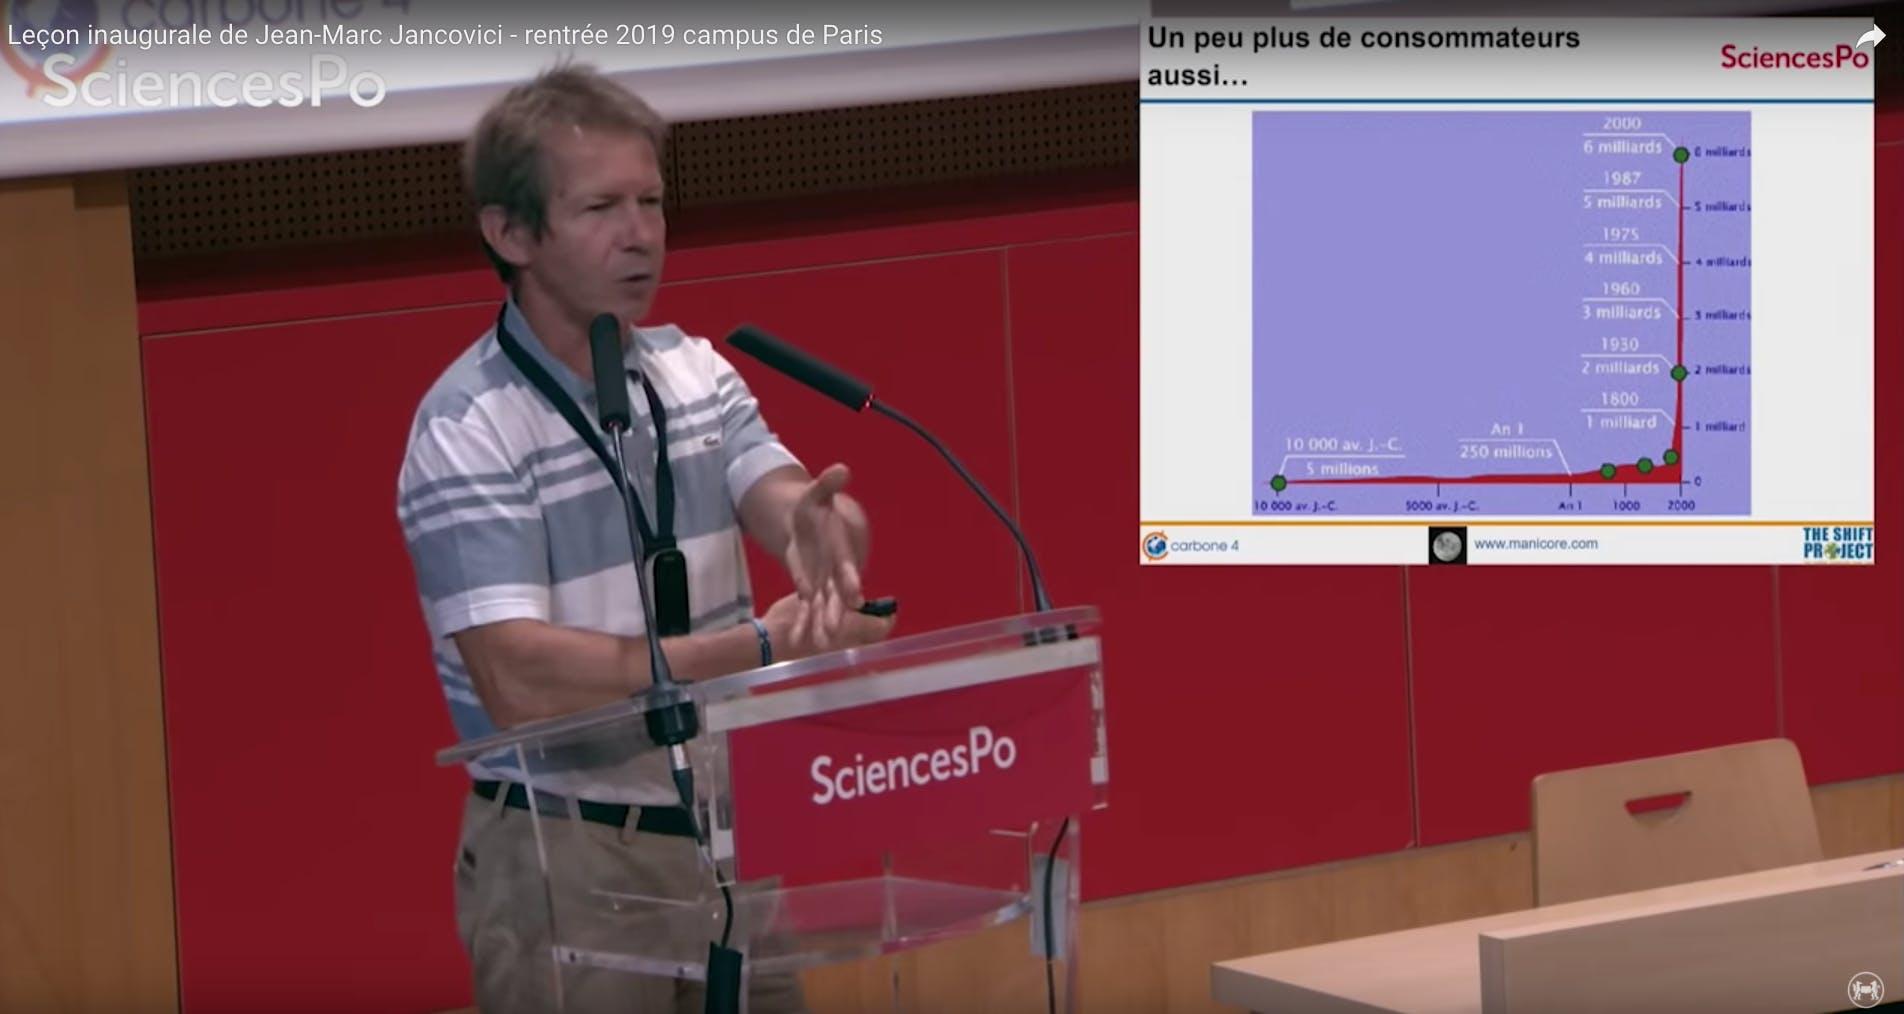 Conférence de Jean-Marc Jancovici